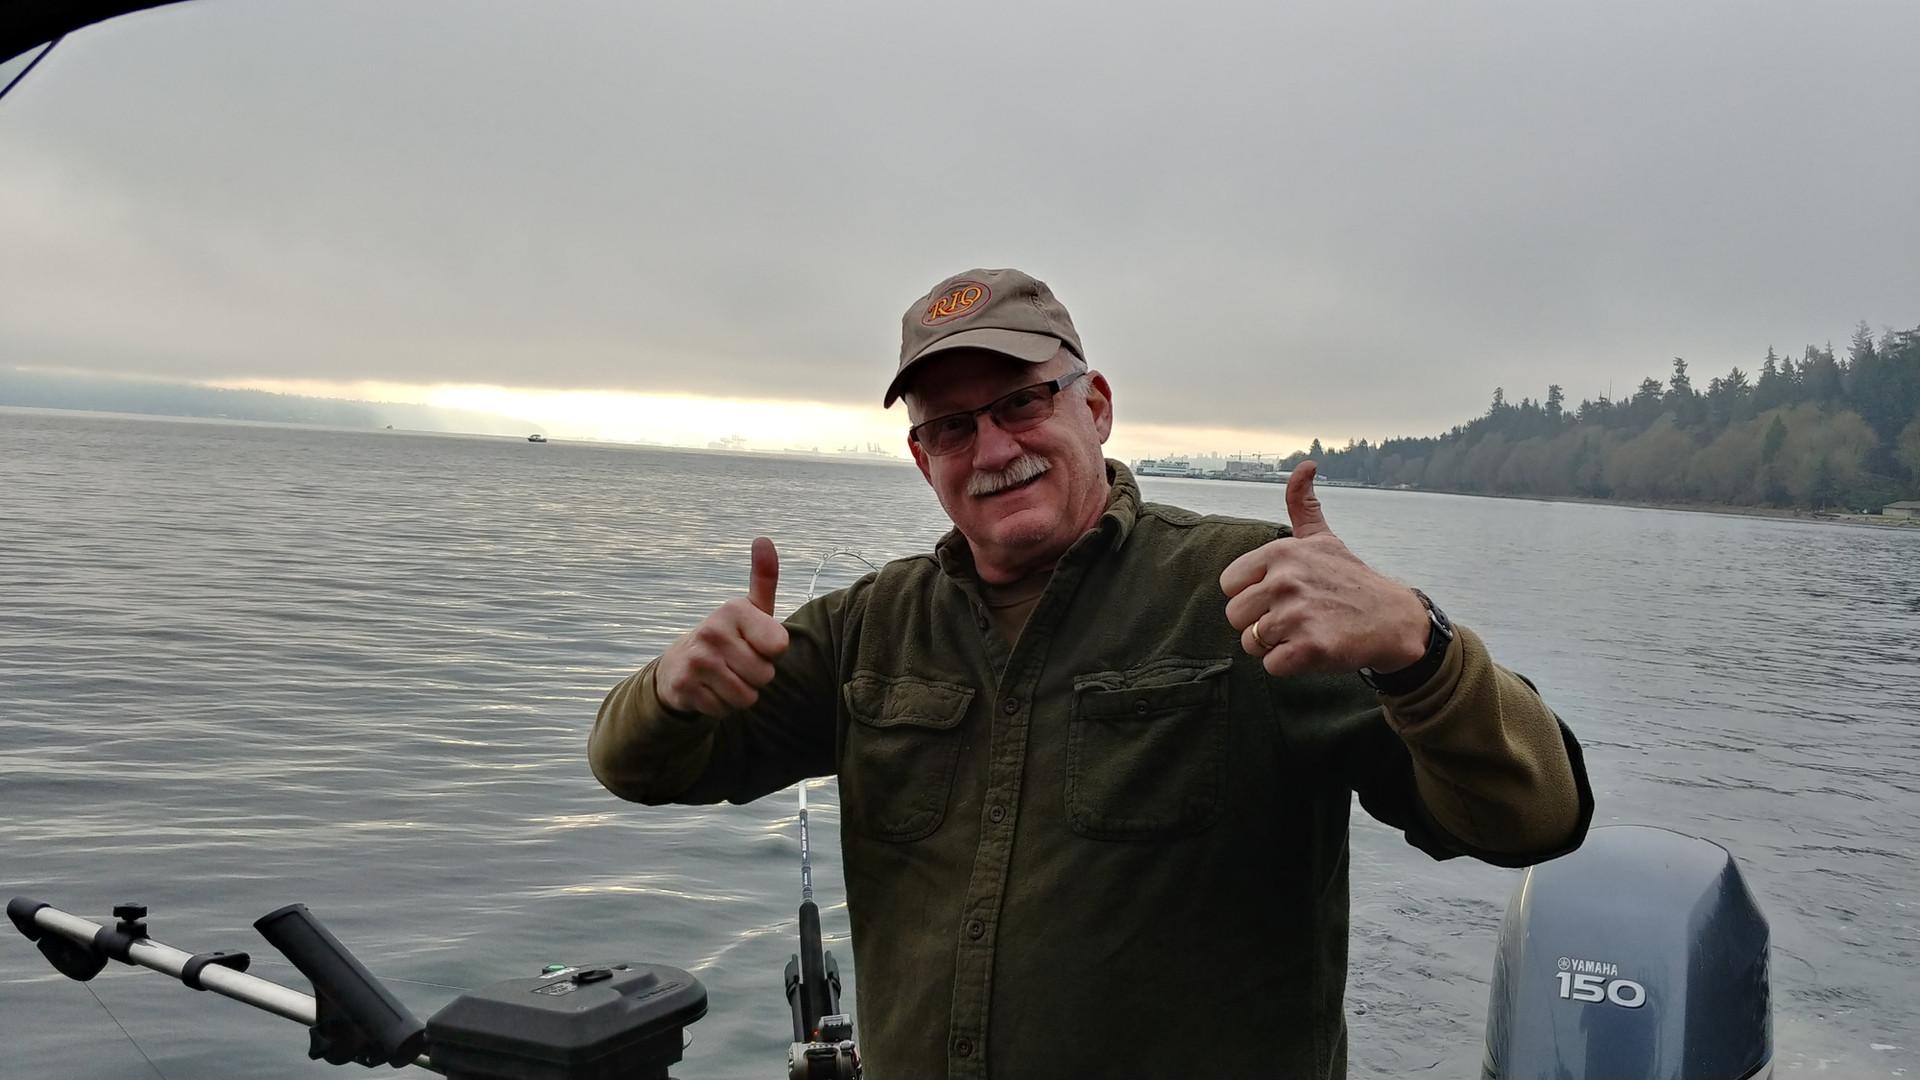 Skipper Brian on Puget Sound